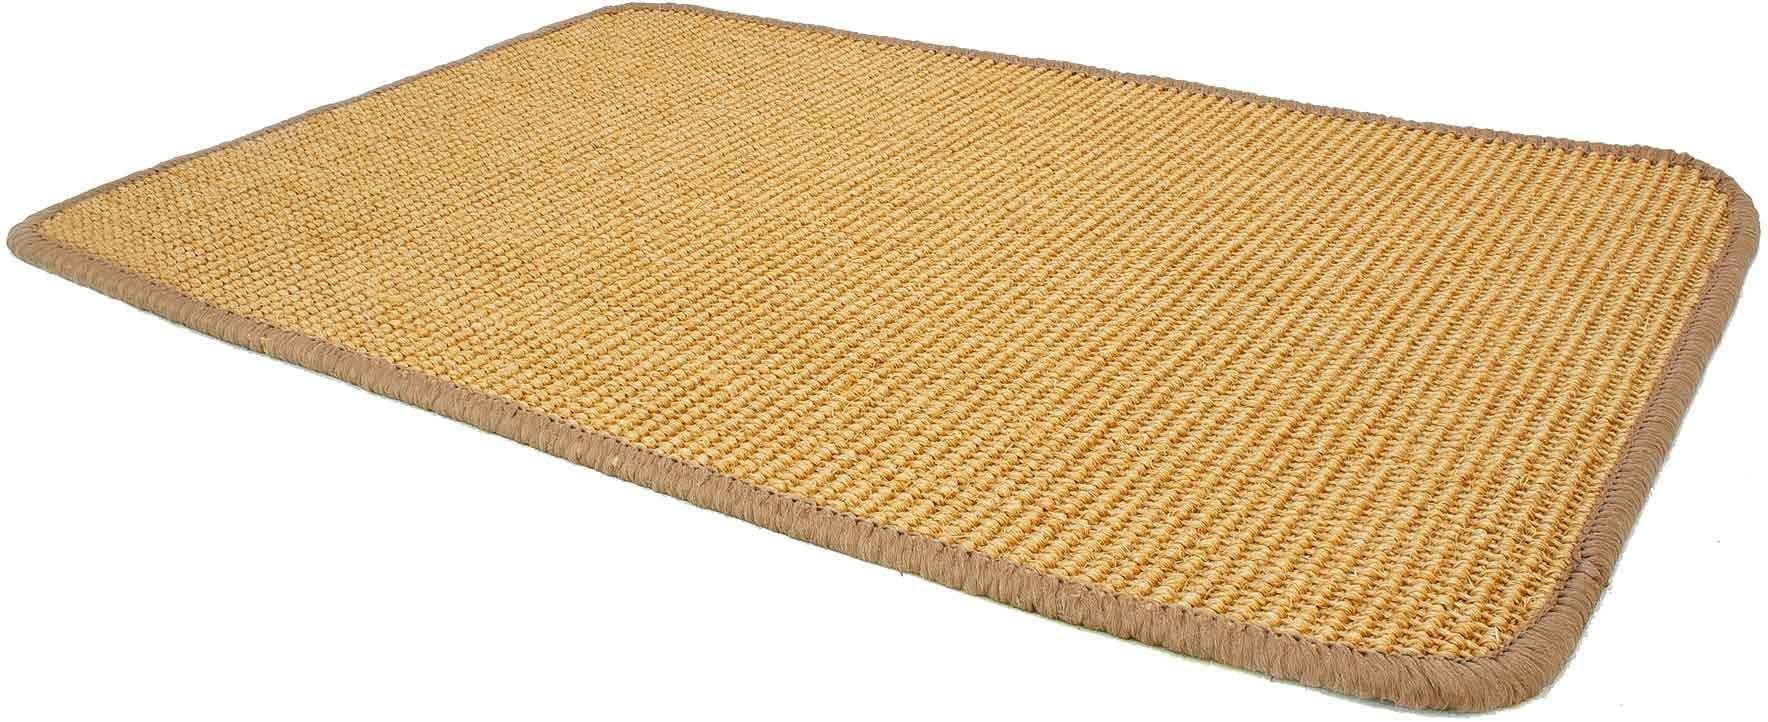 Läufer SISALLUX Primaflor-Ideen in Textil rechteckig Höhe 6 mm maschinell gewebt